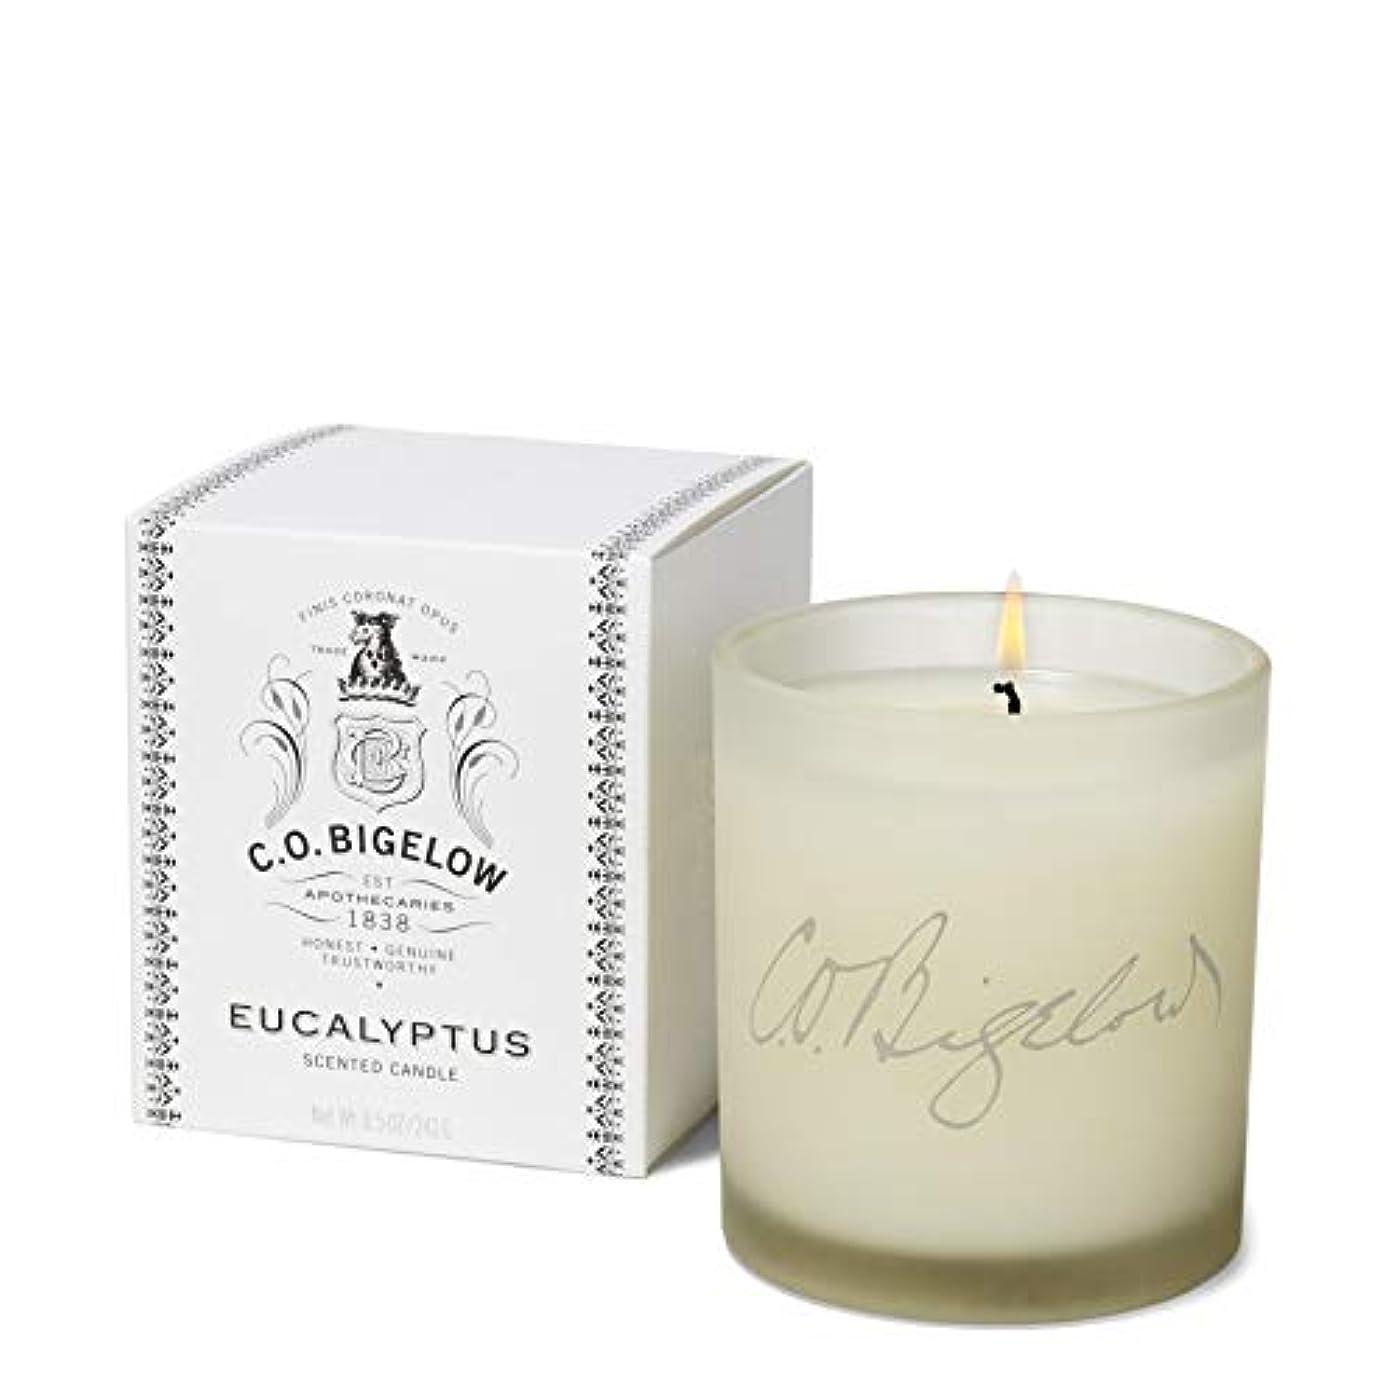 スポット長方形彼ら[C.O. Bigelow] C.O.ビゲローユーカリの香りのキャンドル - C.O. Bigelow Eucalyptus Scented Candle [並行輸入品]